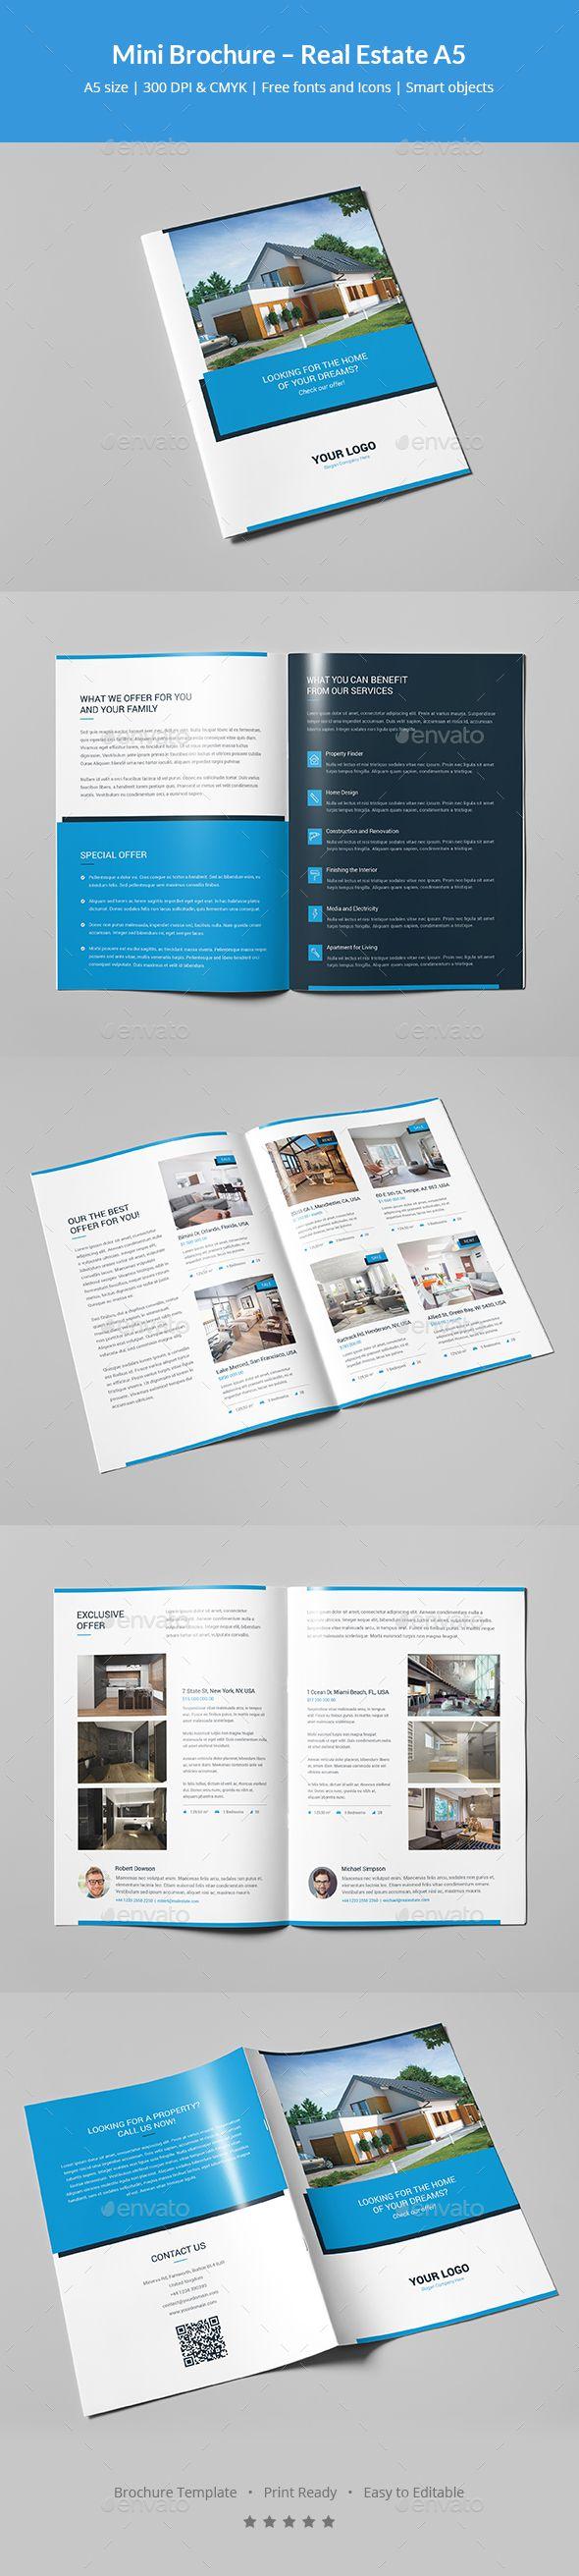 Mini Brochure Real Estate A Brochures Real Estate And Brochure - Mini brochure template